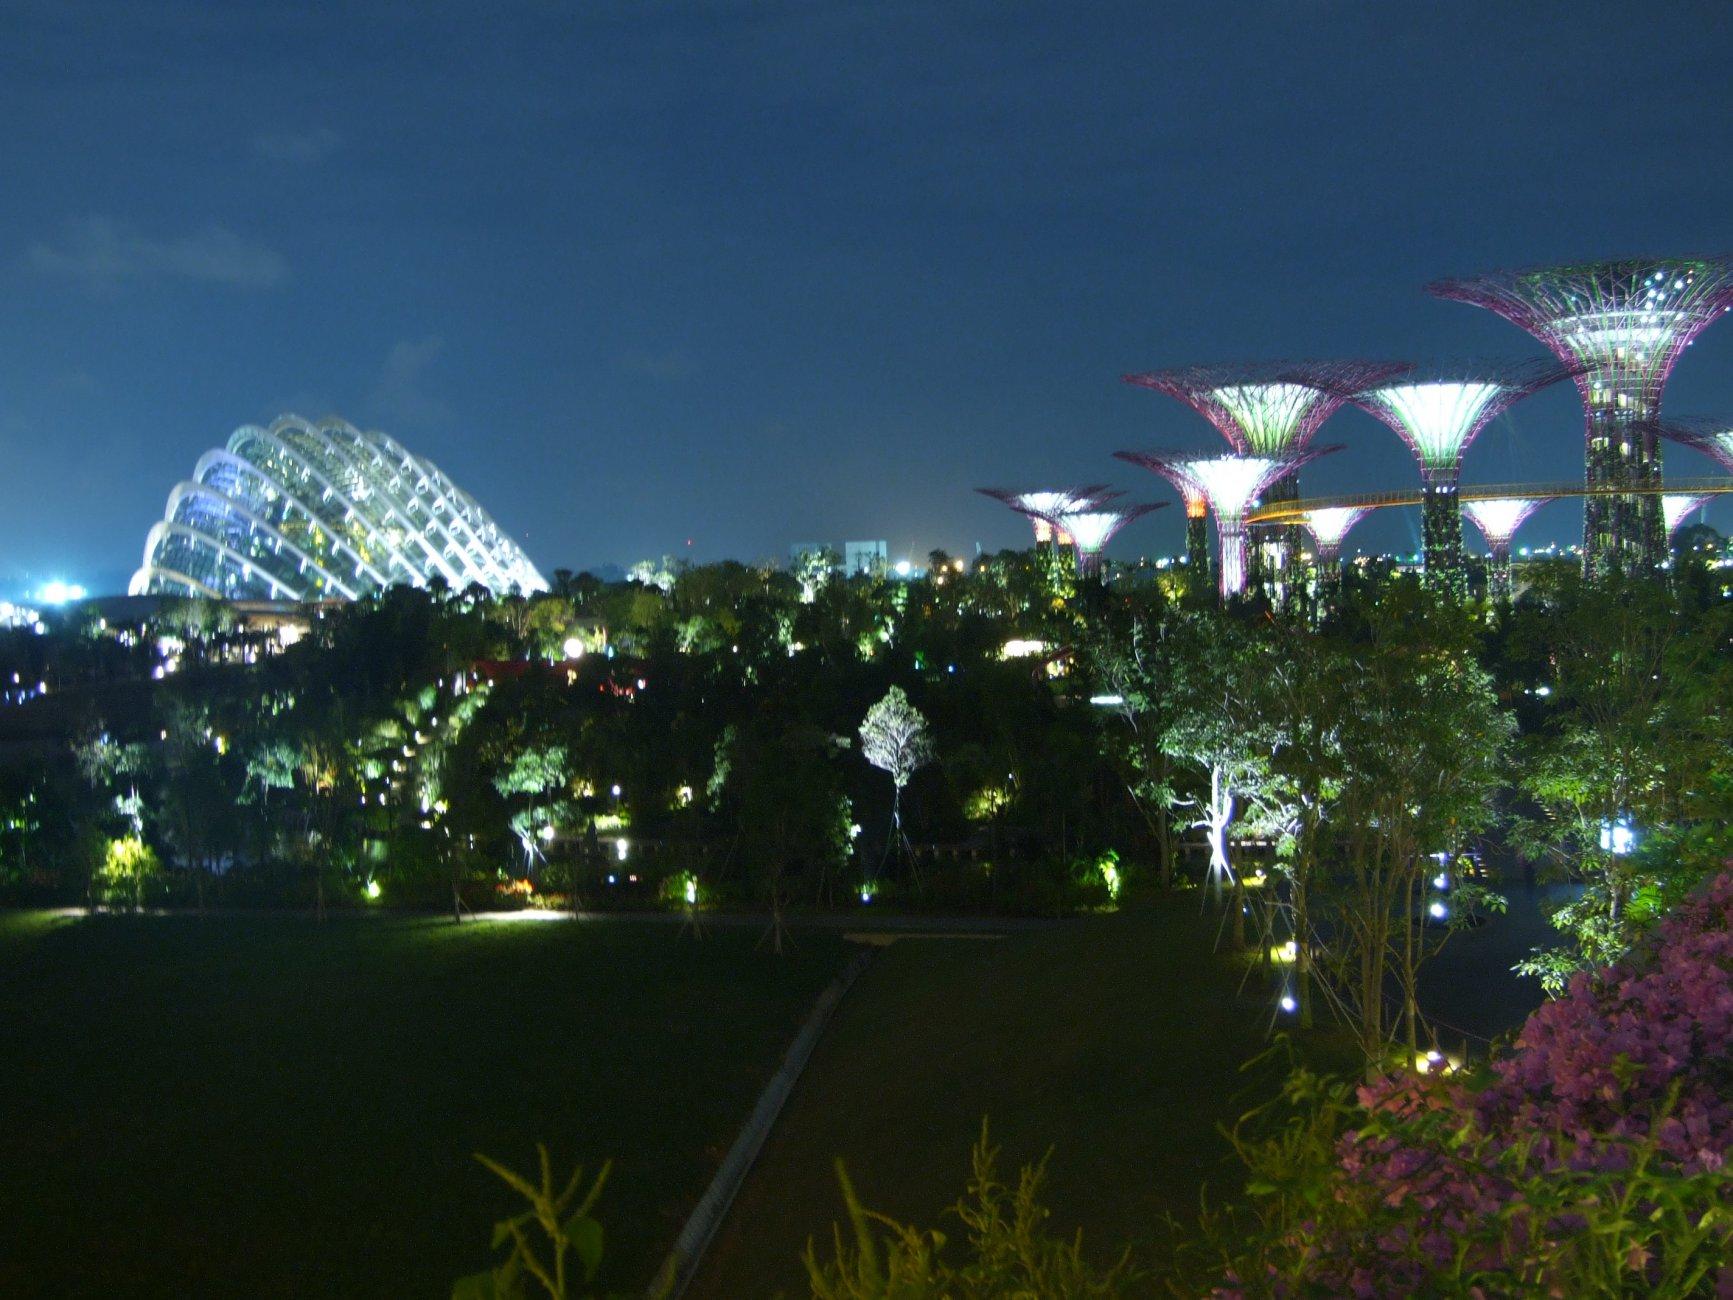 singapore-city-25.jpg